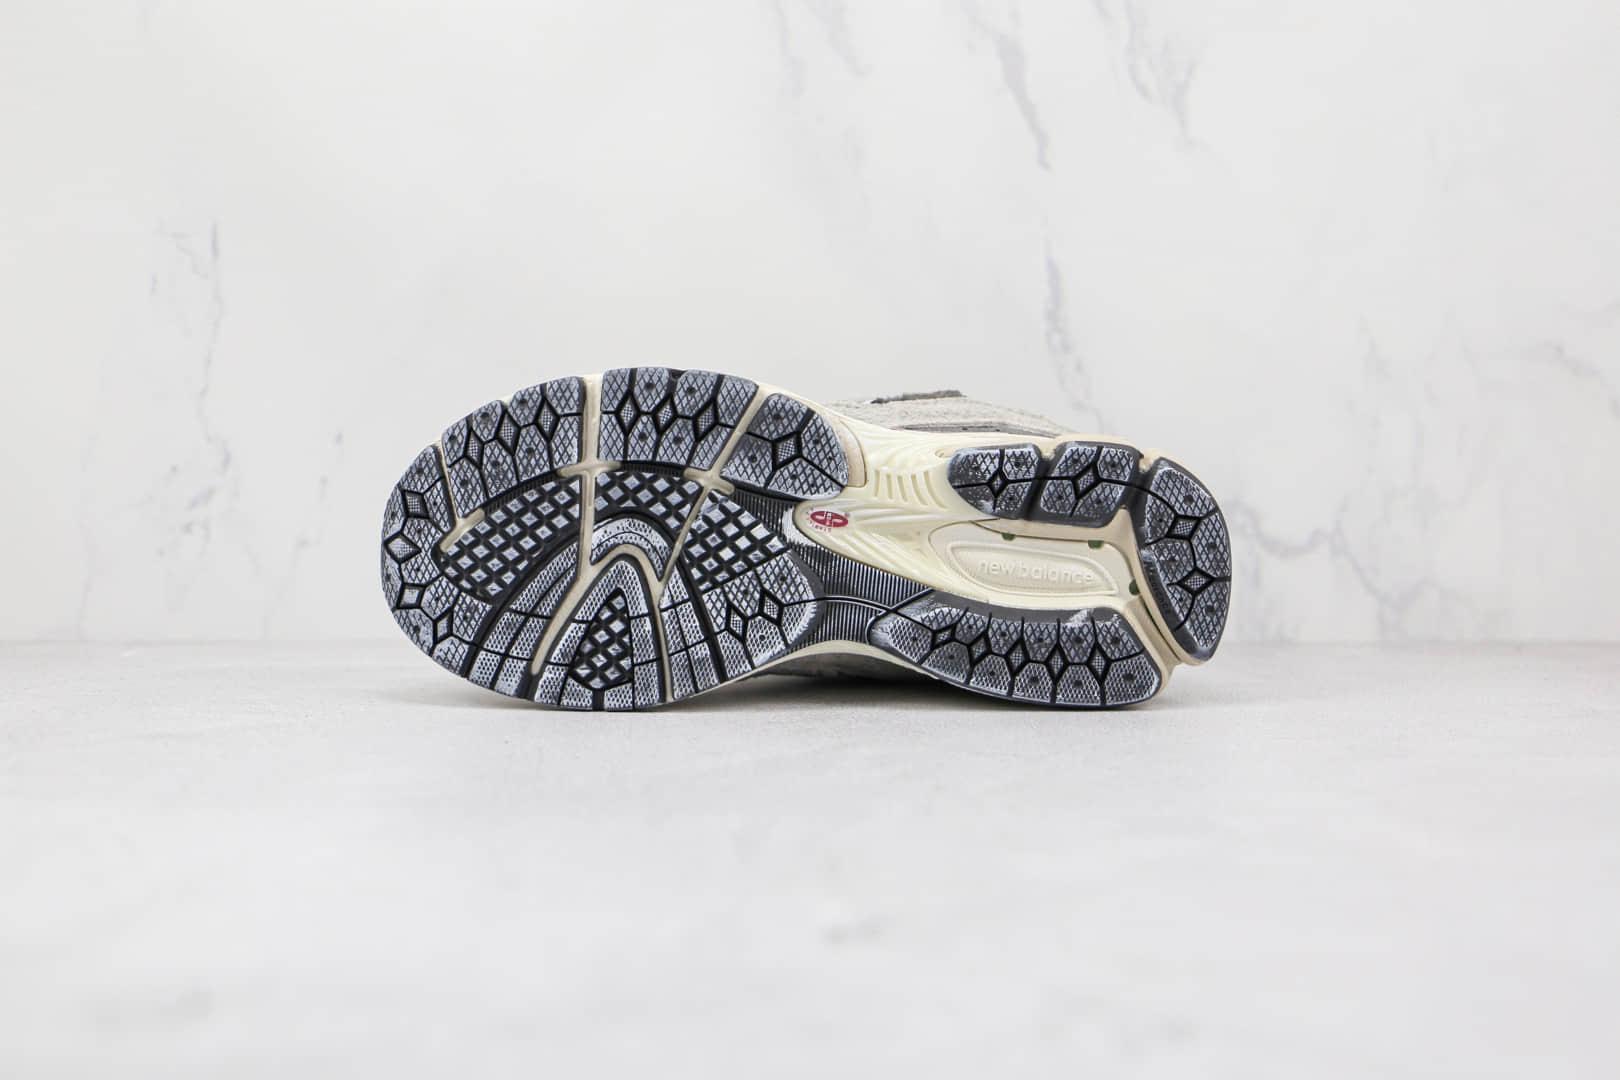 新百伦New Balance 2002R Protection Pack纯原版本灰色不规则剪裁解构NB2002复古慢跑鞋原档案数据开发 货号:M2002RDA